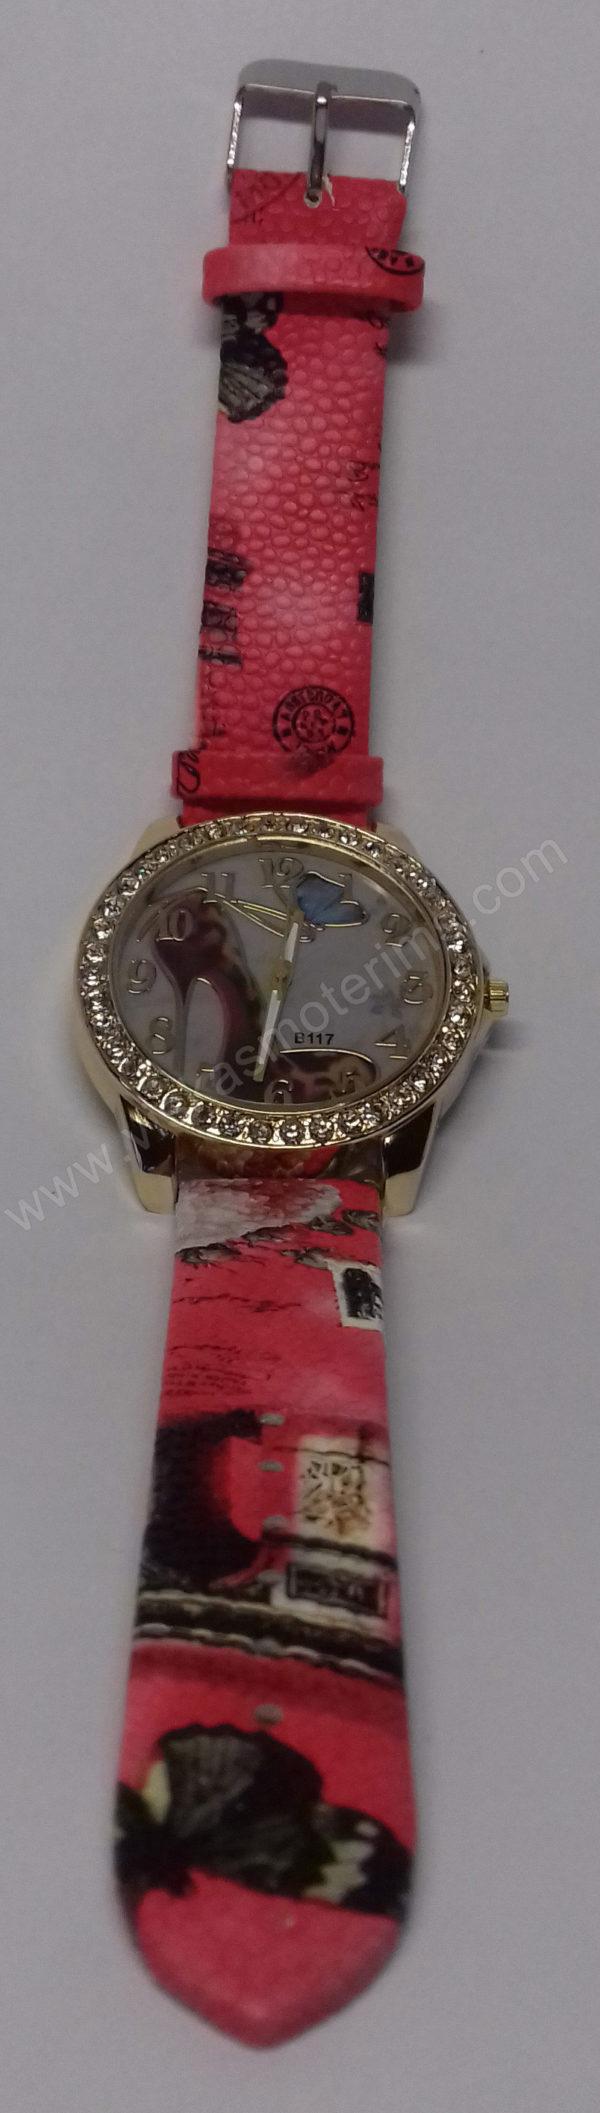 Moteriškas laikrodis su bateliu ir drugeliu ciferblate - visu ilgiu